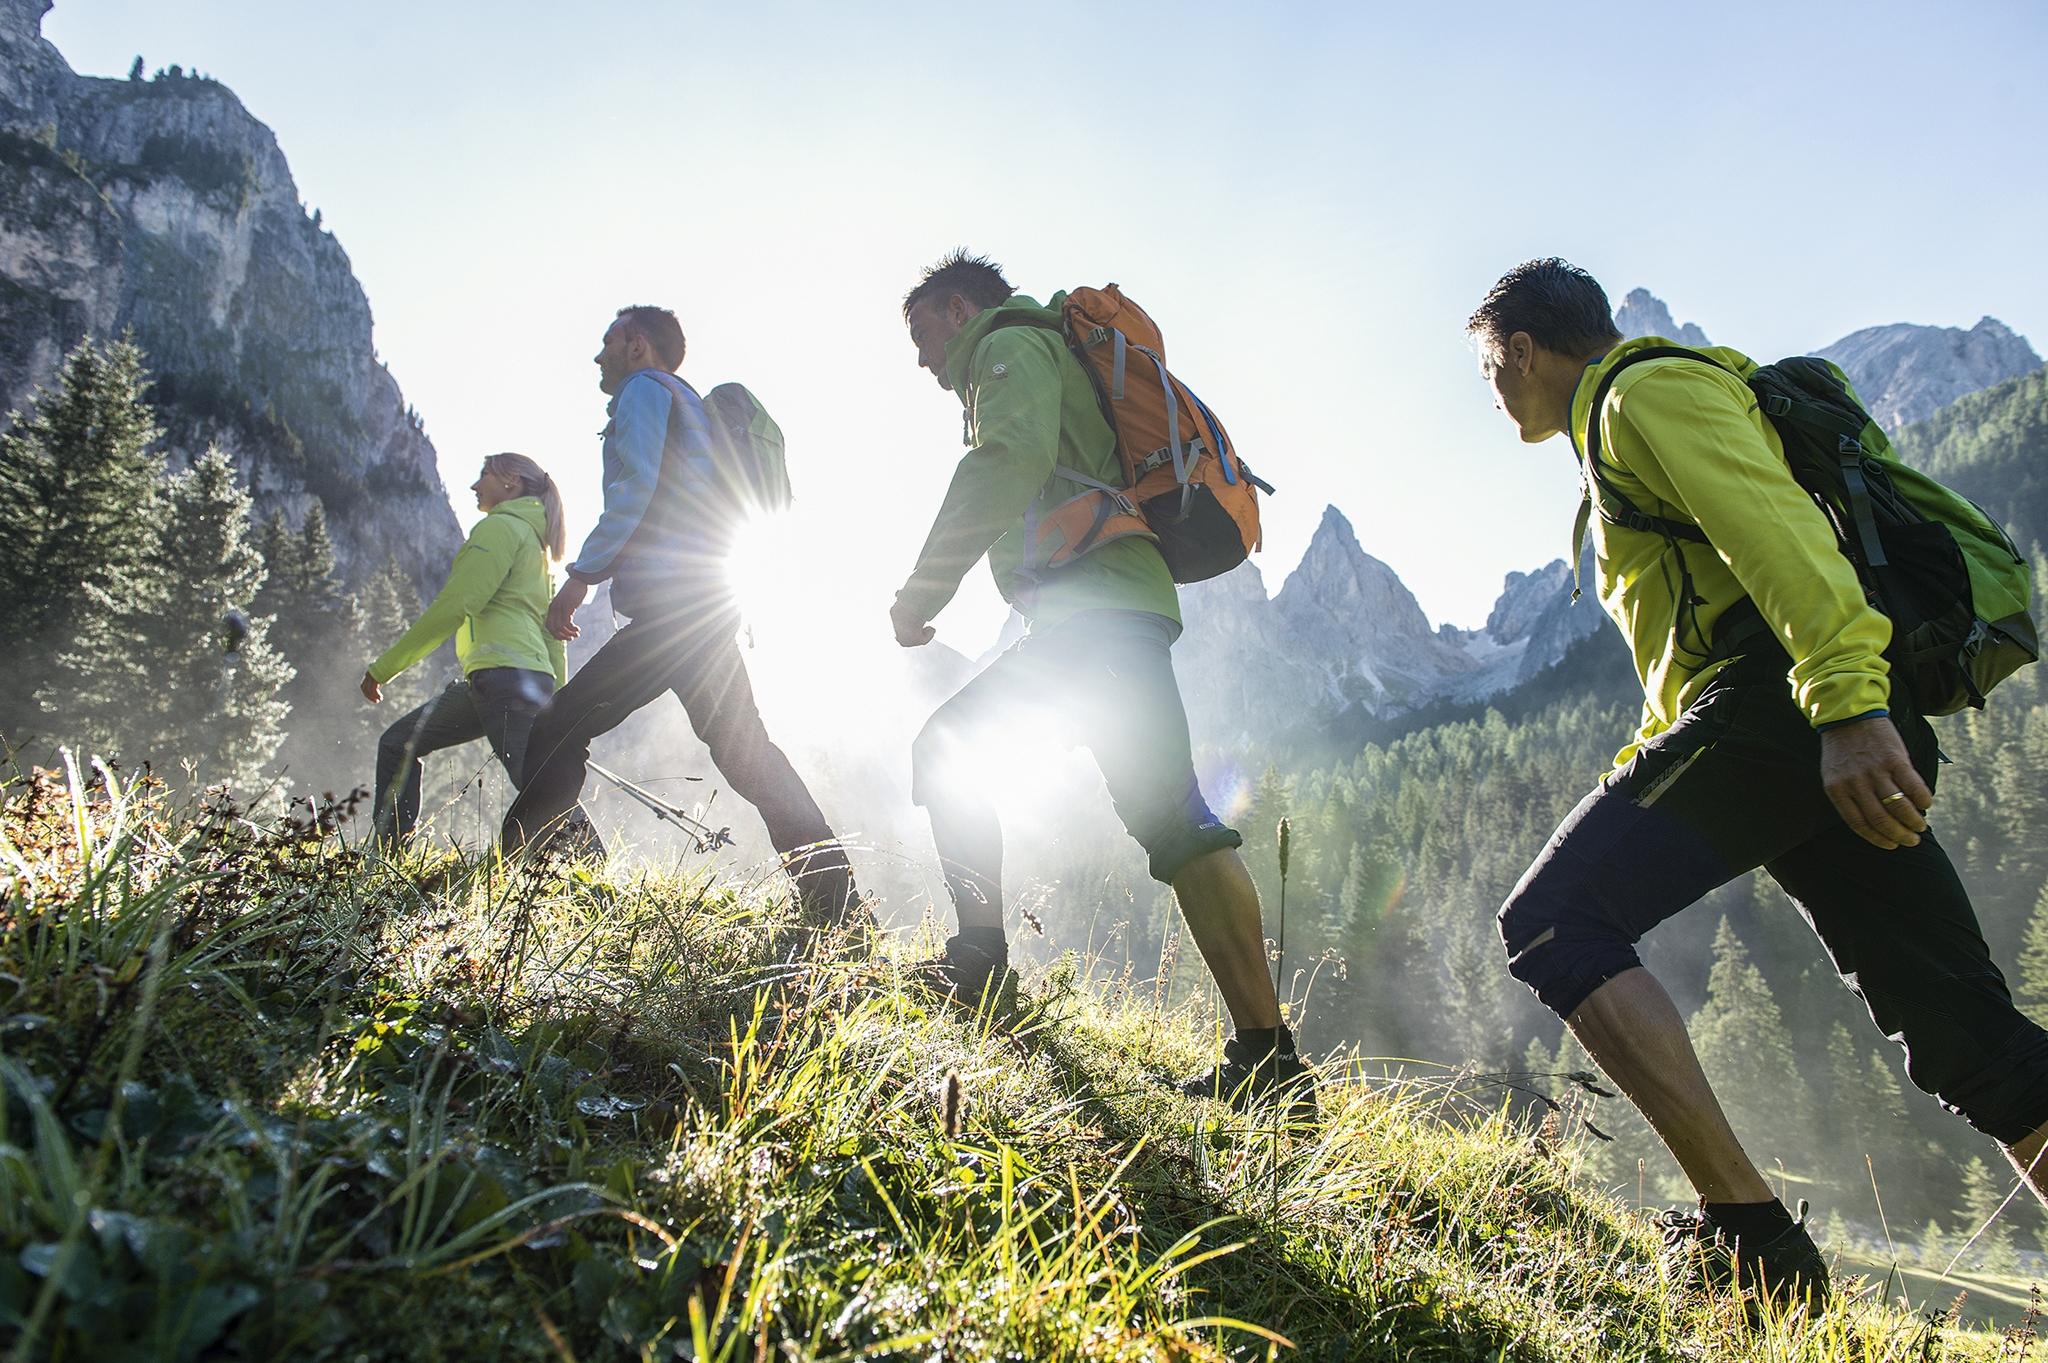 Urlaubsangebote Balance- Zeit für Bewegung in der Natur